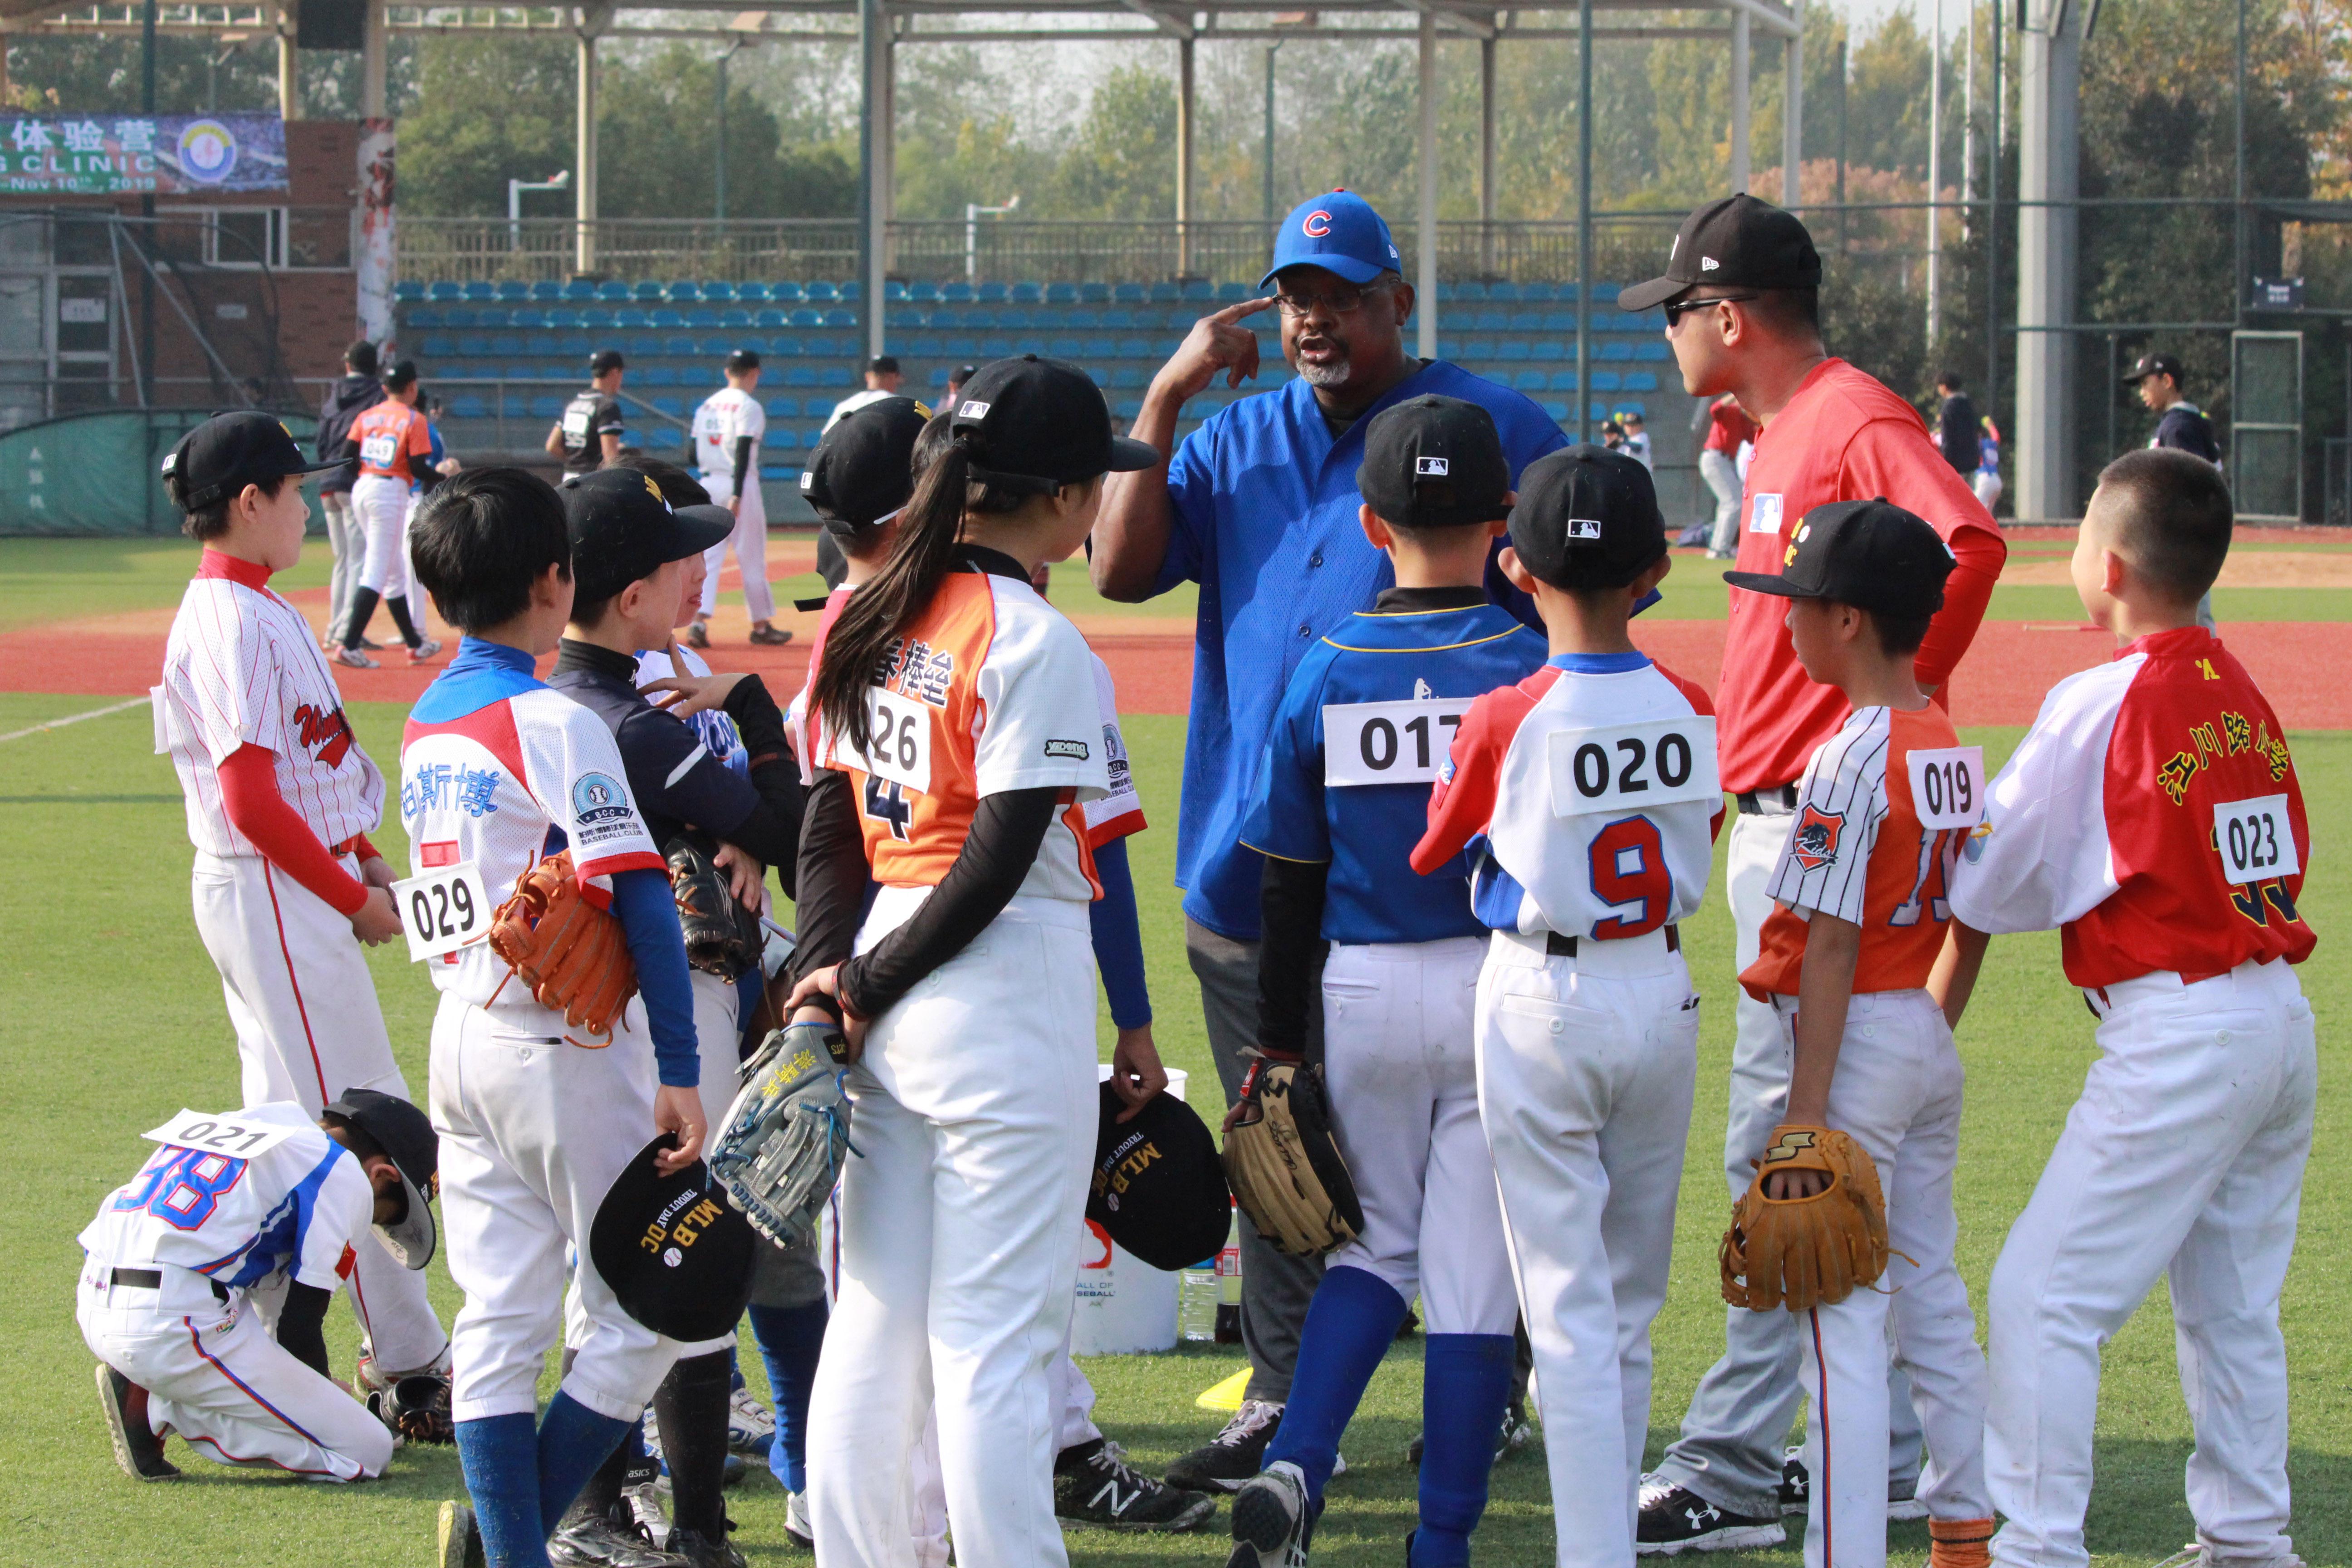 查克-麦克尔罗伊与小选手们训练交流